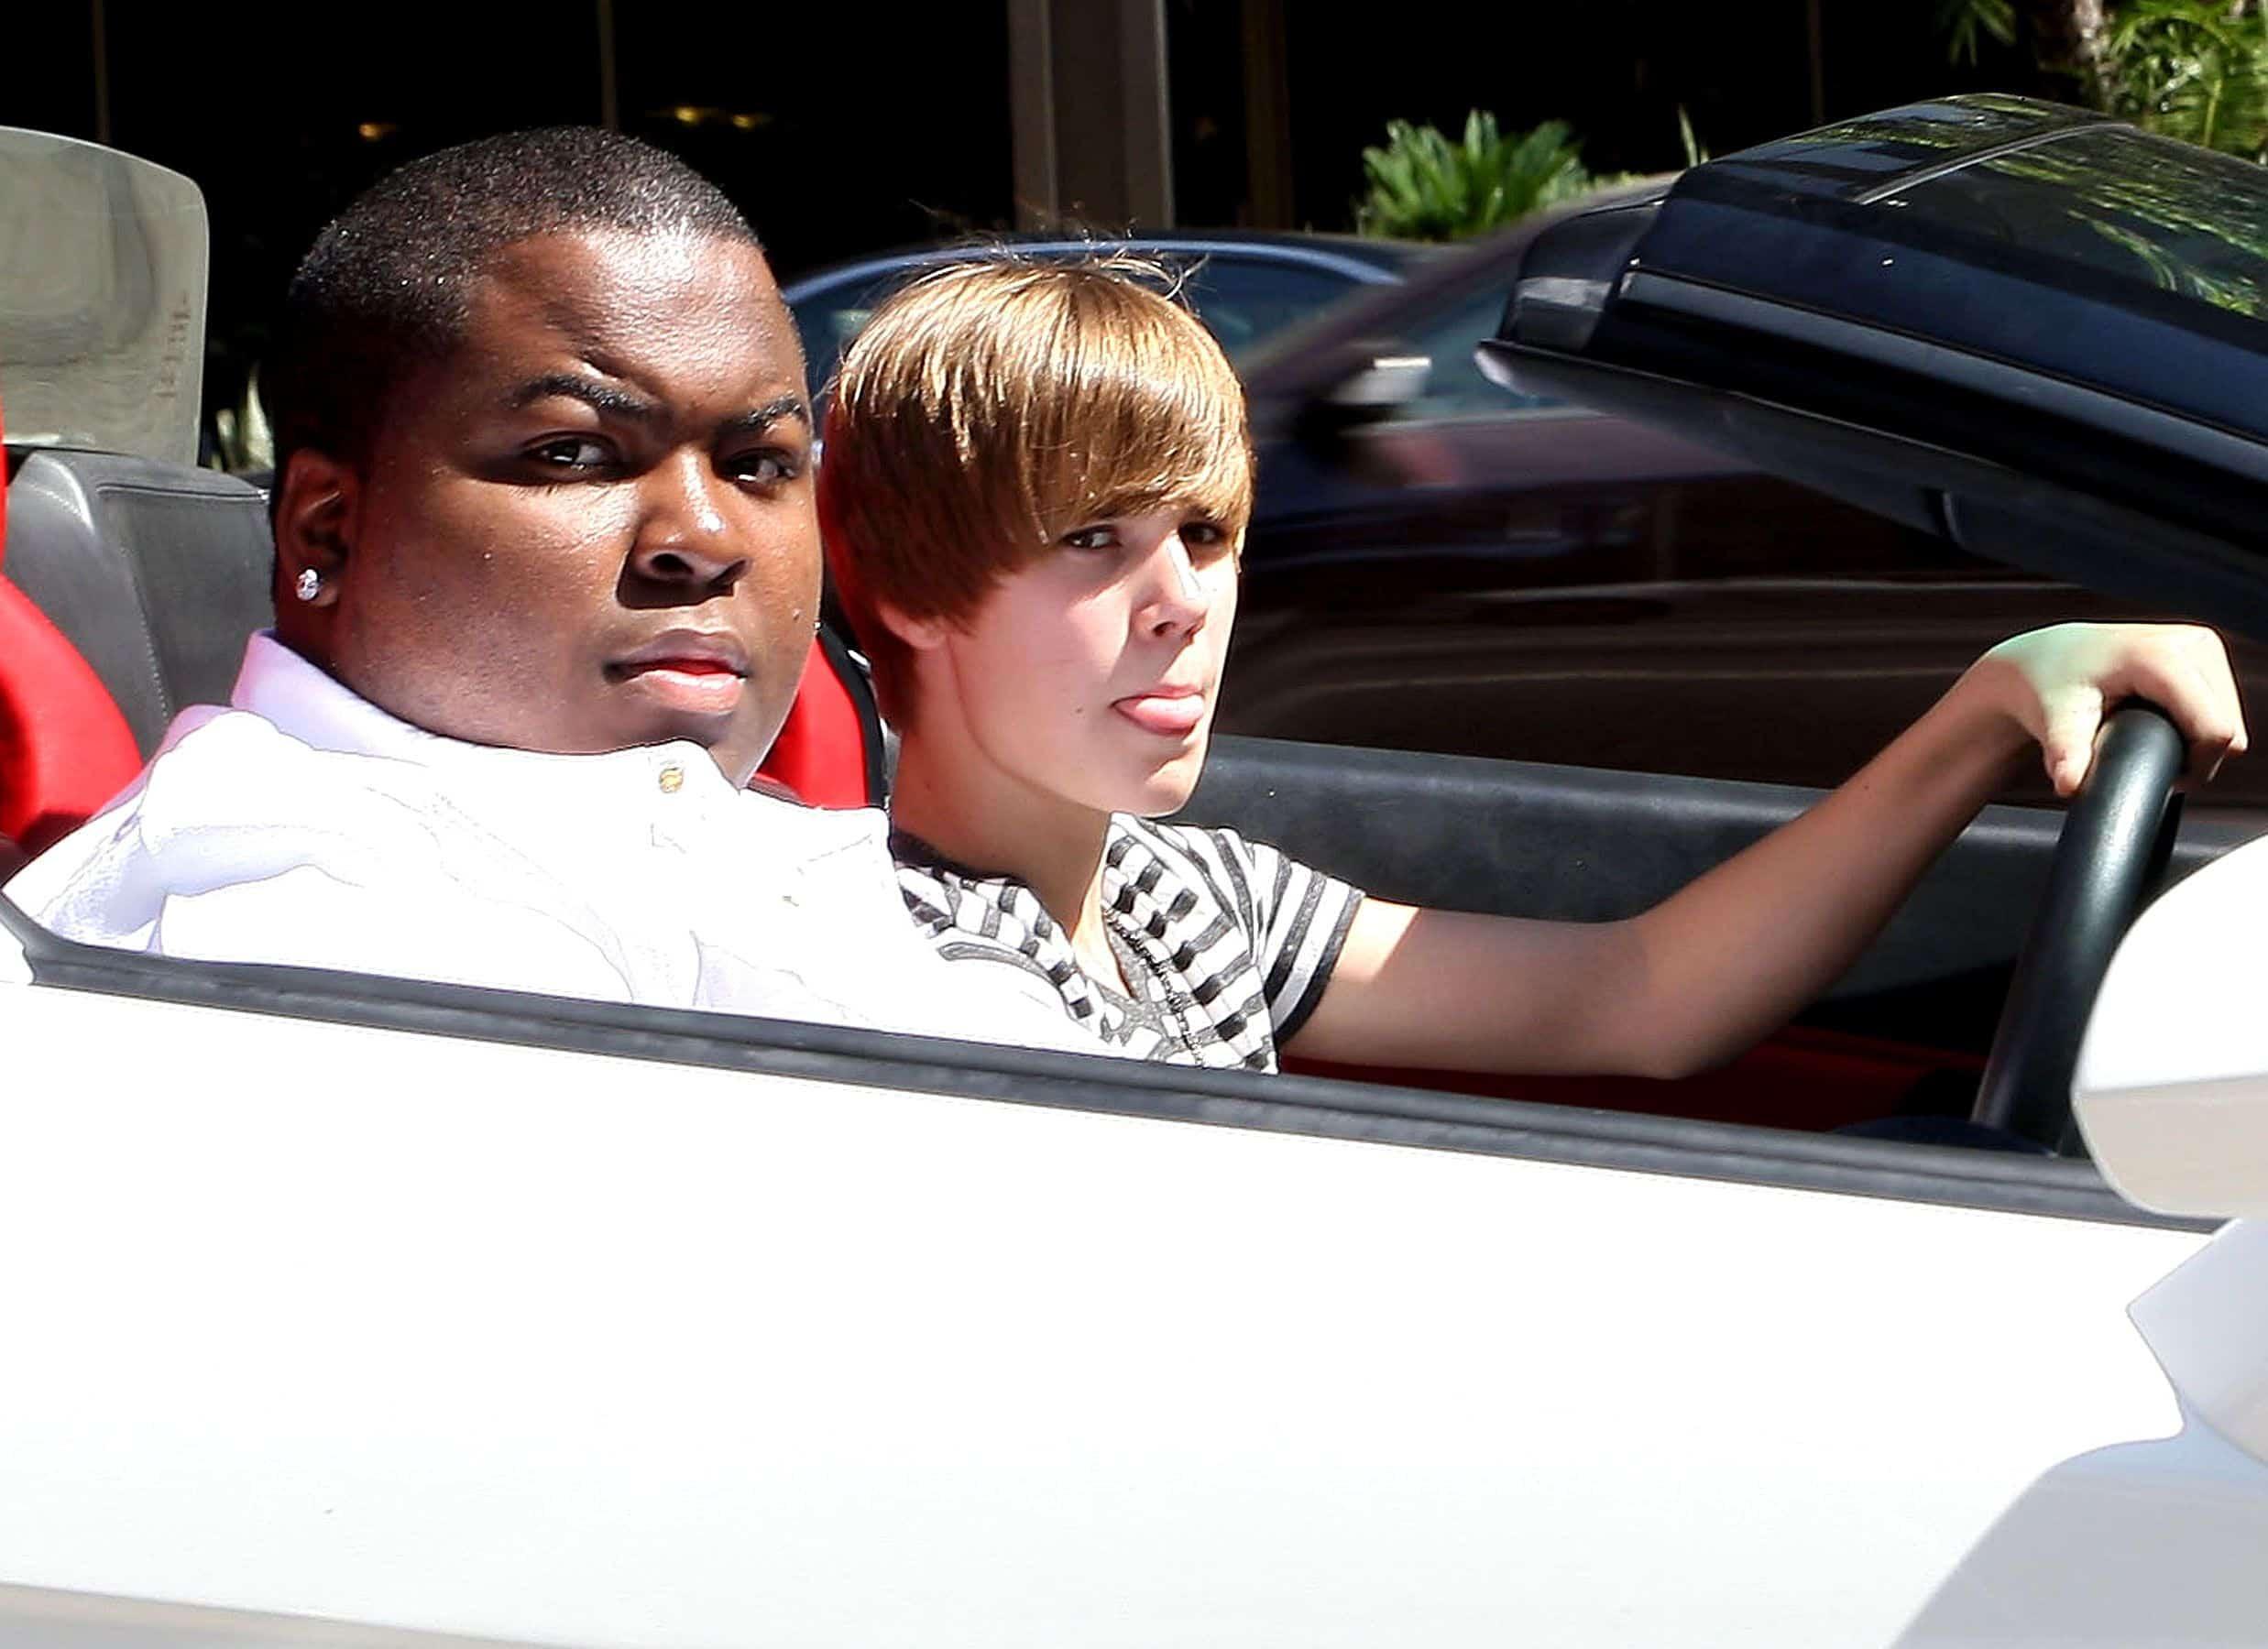 Justin Bieber estaria perseguindo Selena Gomez durante meses